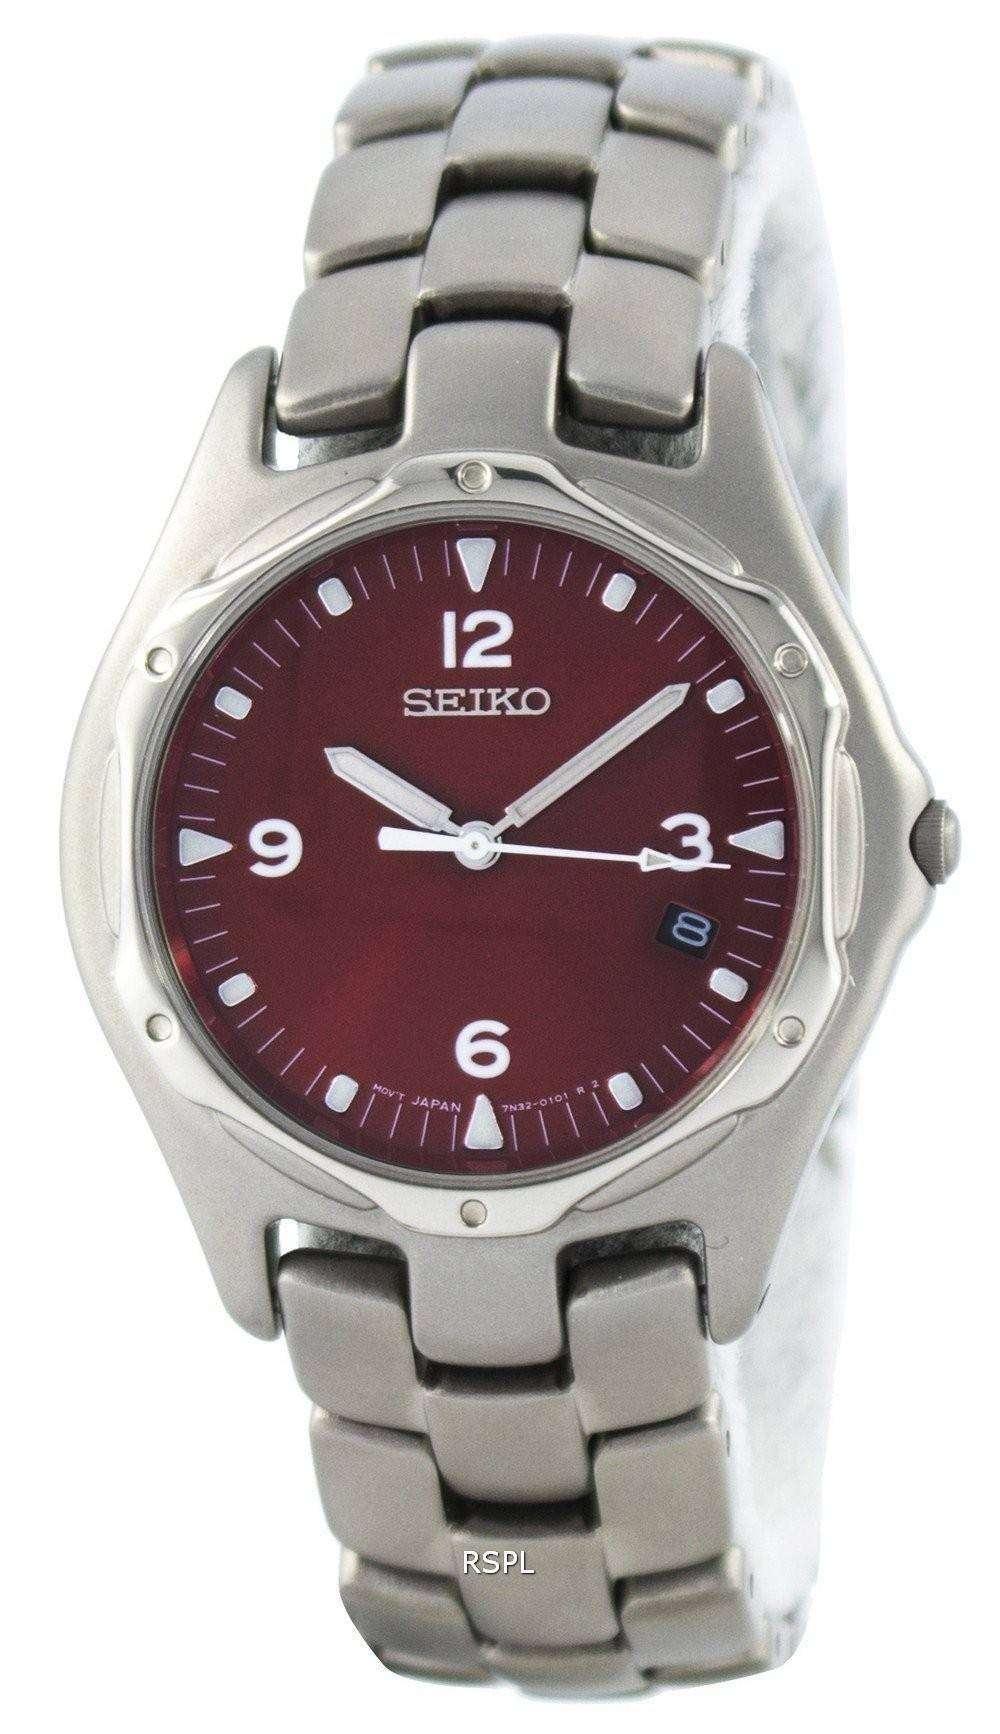 Seiko Titanium Quartz Slc043 Slc043p1 Slc043p Men's Watch. Sister Bangle Bracelets. Bezel Necklace. History Engagement Rings. Larimar Necklace